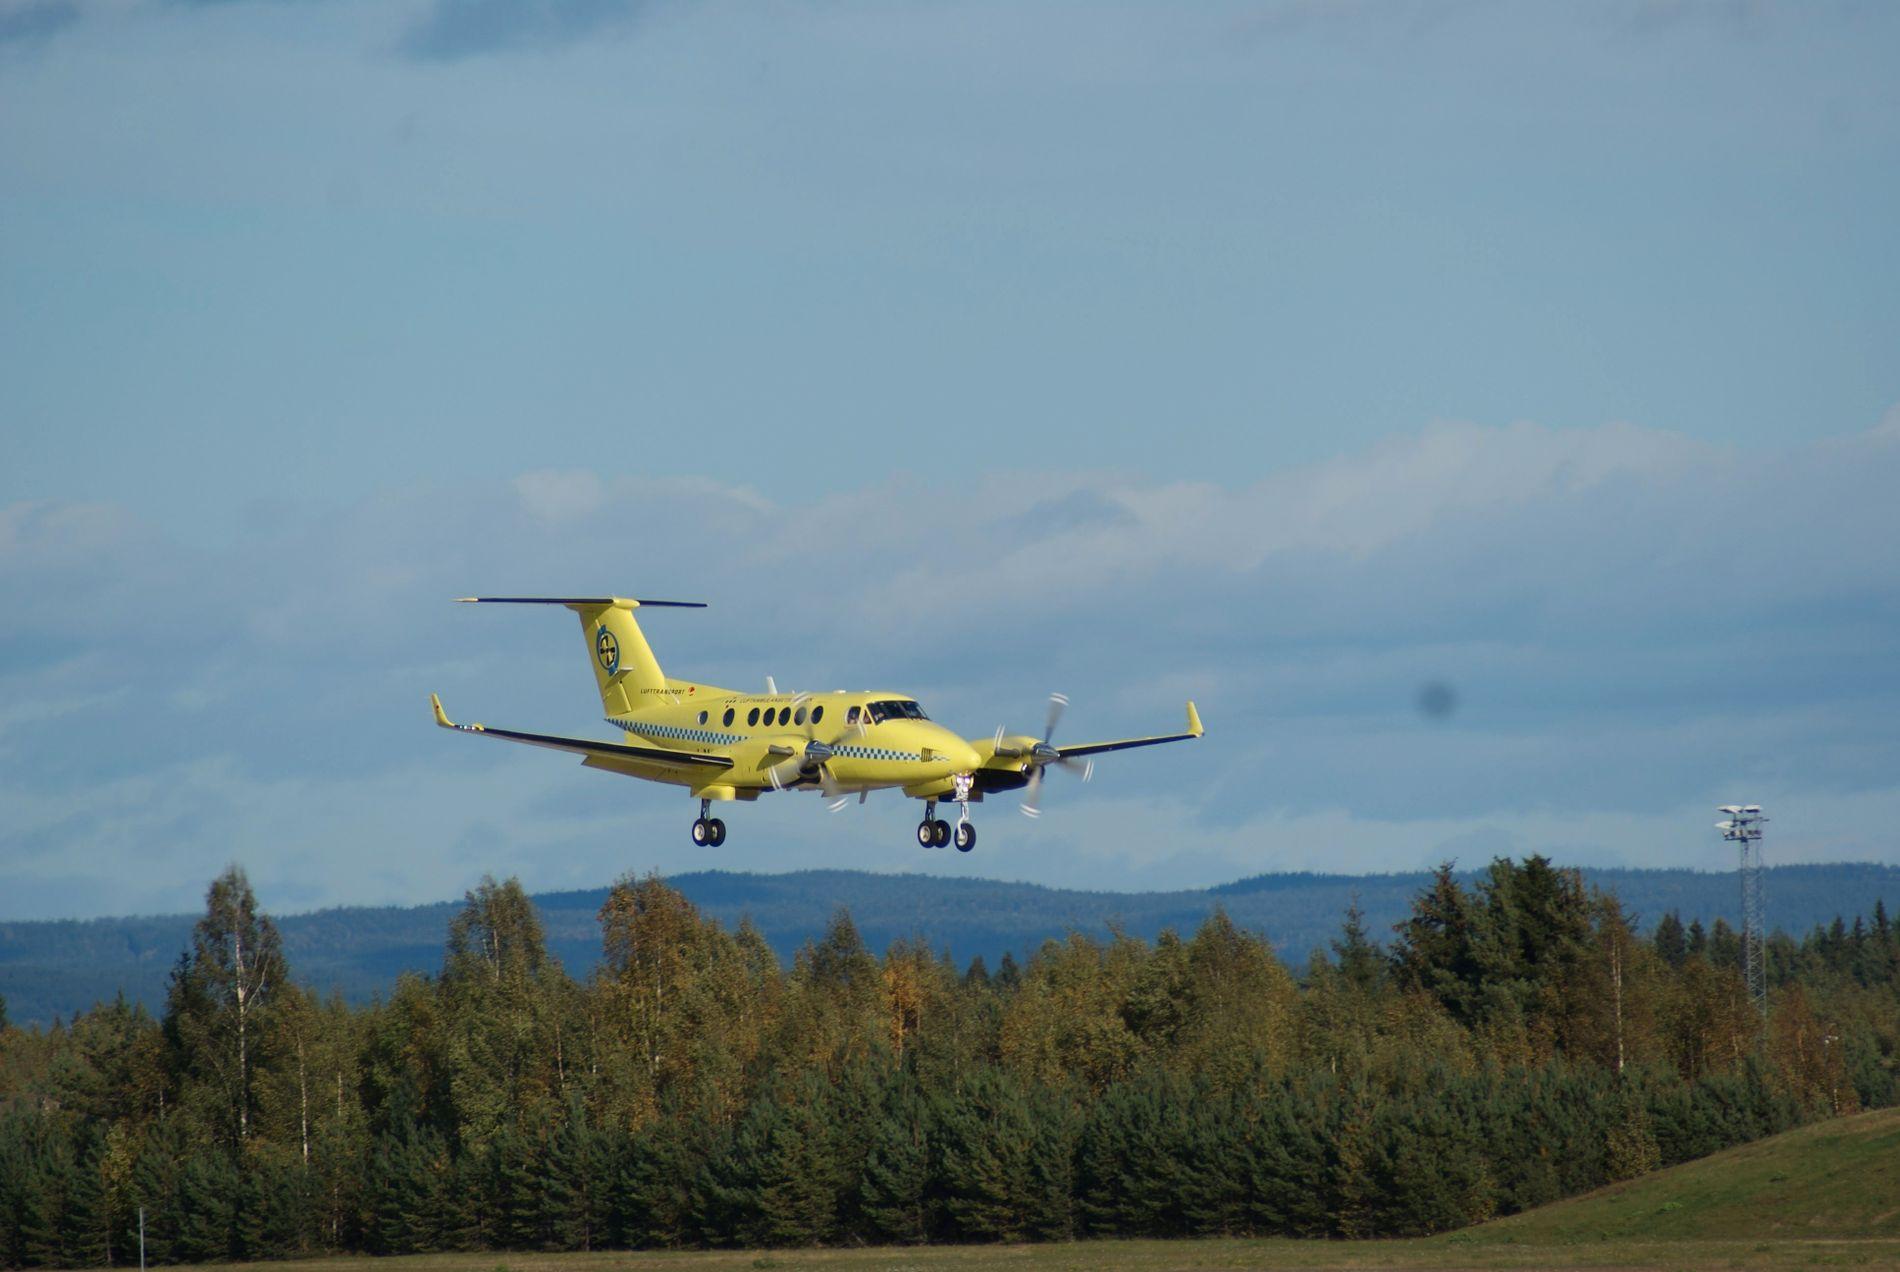 KRISE: Etter at det ble klart at selskapet Babcock Scandinavian AirAmbulance tar over luftambulansetjenesten i Norge, har det vært